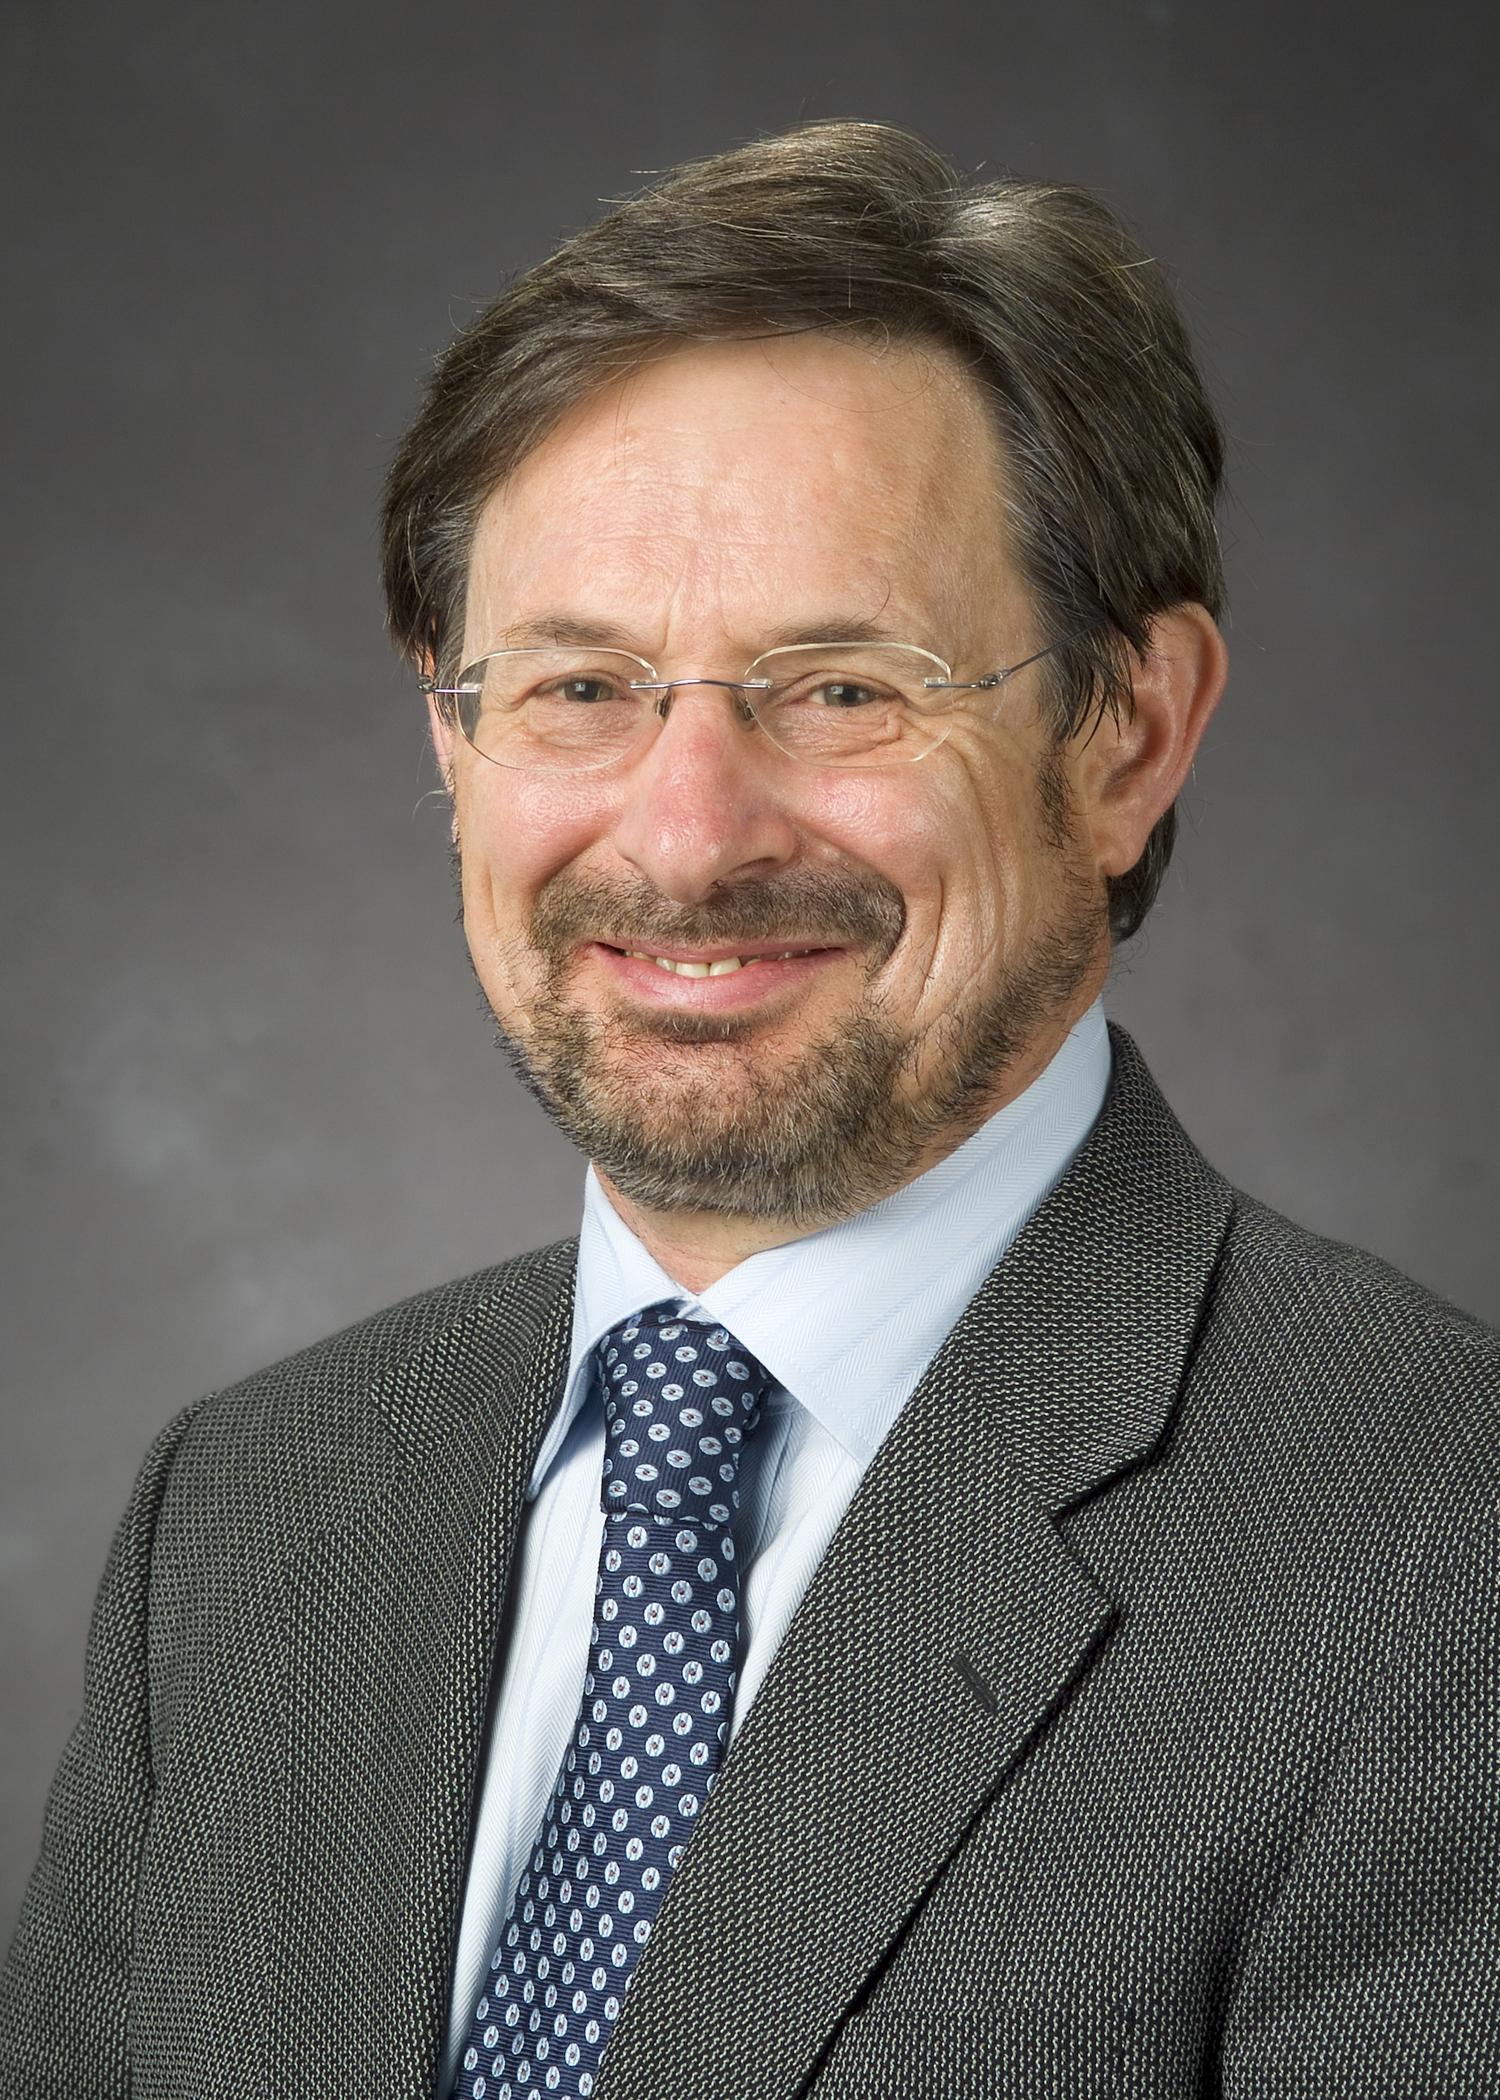 Dr Richard Prince